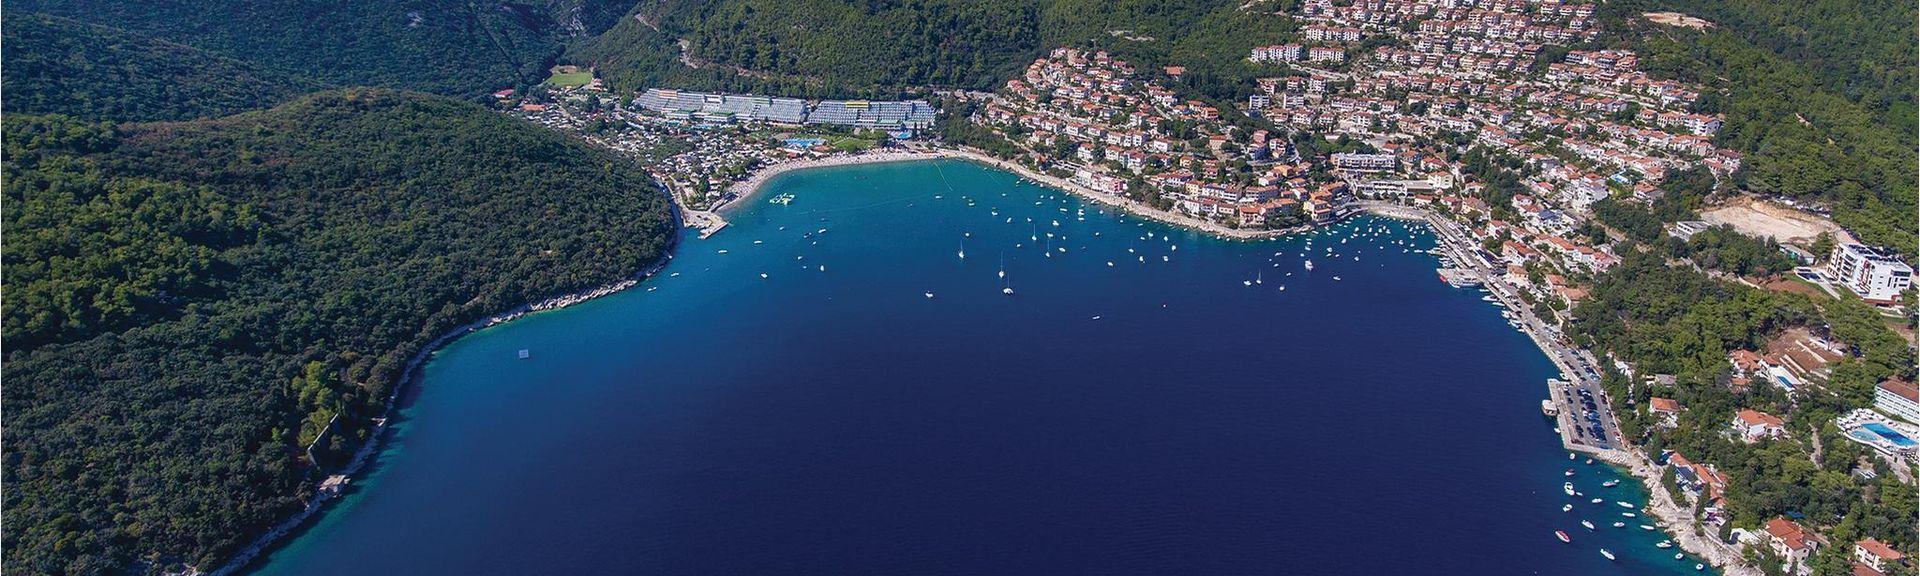 Krnica, Marcana, Gespanschaft Istrien, Kroatien